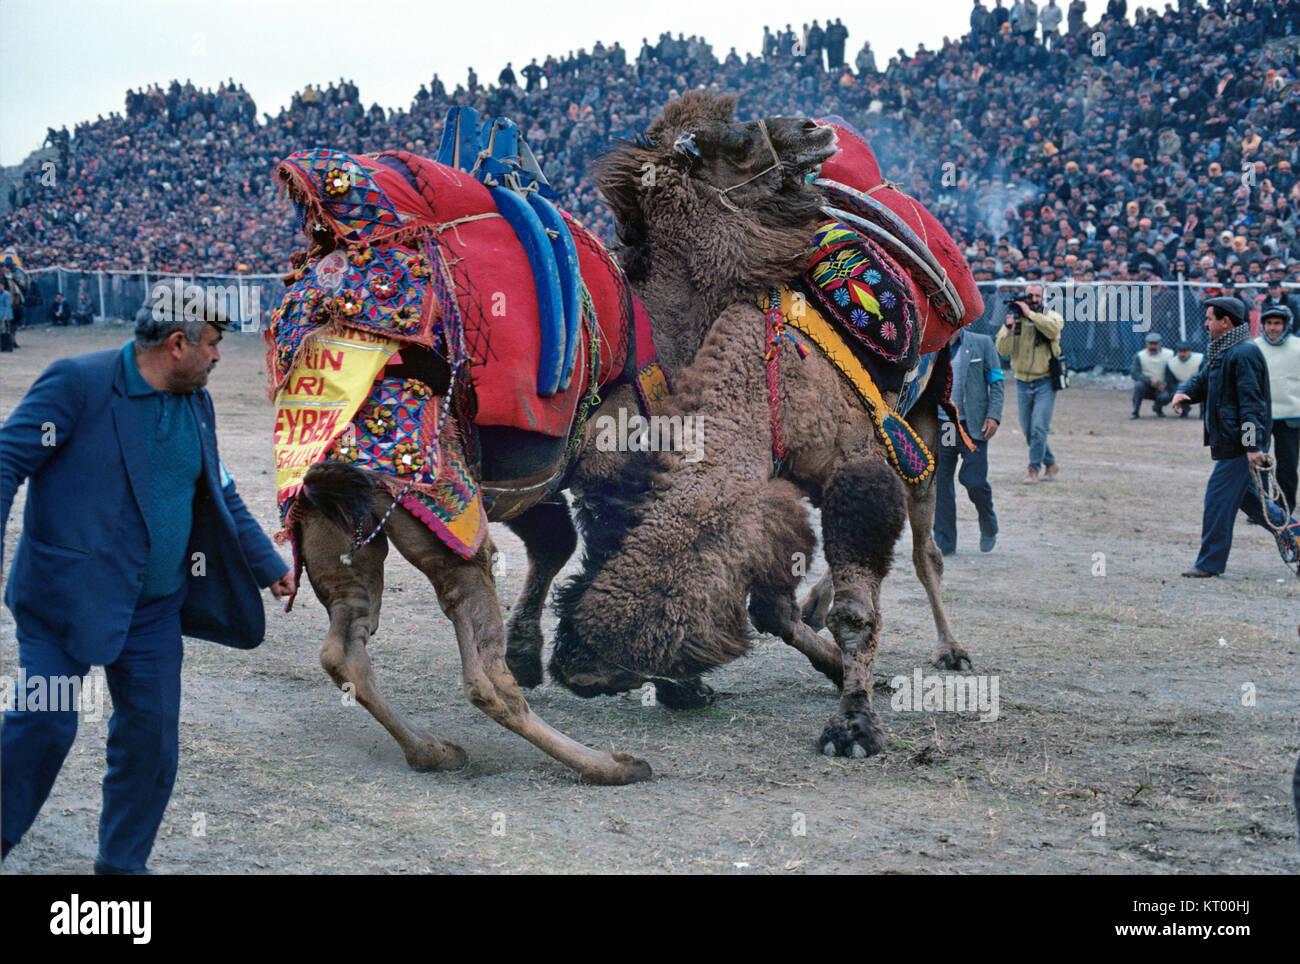 Uomini turco o turchi e vestito cammelli o Wrestling cammelli si riuniscono per l annuale Camel Wrestling Festival Immagini Stock